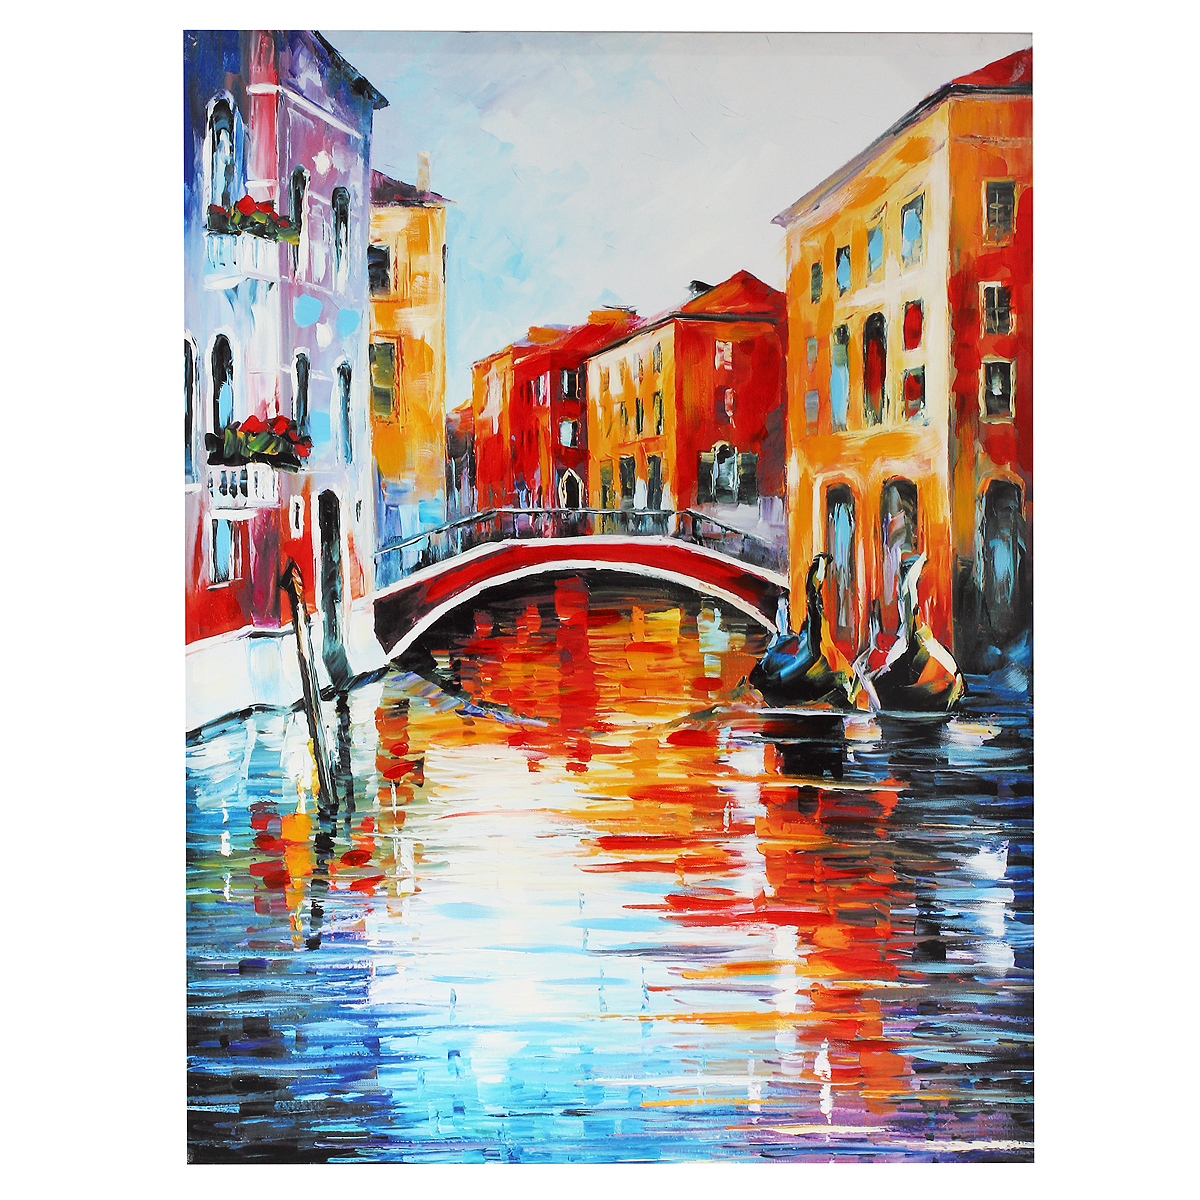 Картина-репродукция на холсте Венеция, без рамки, 80 х 60 см 36013AG 30-14Картина-репродукция Венеция, выполненная на деревянном подрамнике и холсте масляной печатью с ручной подрисовкой, дополнит интерьер любого помещения, а также может стать изысканным подарком для ваших друзей и близких. На картине изображен венецианский канал с гондолами. Благодаря оригинальному дизайну картина может использоваться для оформления любых интерьеров: гостиной, спальни, кухни, прихожей, детской или офиса. Изделие оснащено отверстием для подвешивания на стену. Такая картина - вдохновляющее декоративное решение, привносящее в интерьер нотки творчества и изысканности!